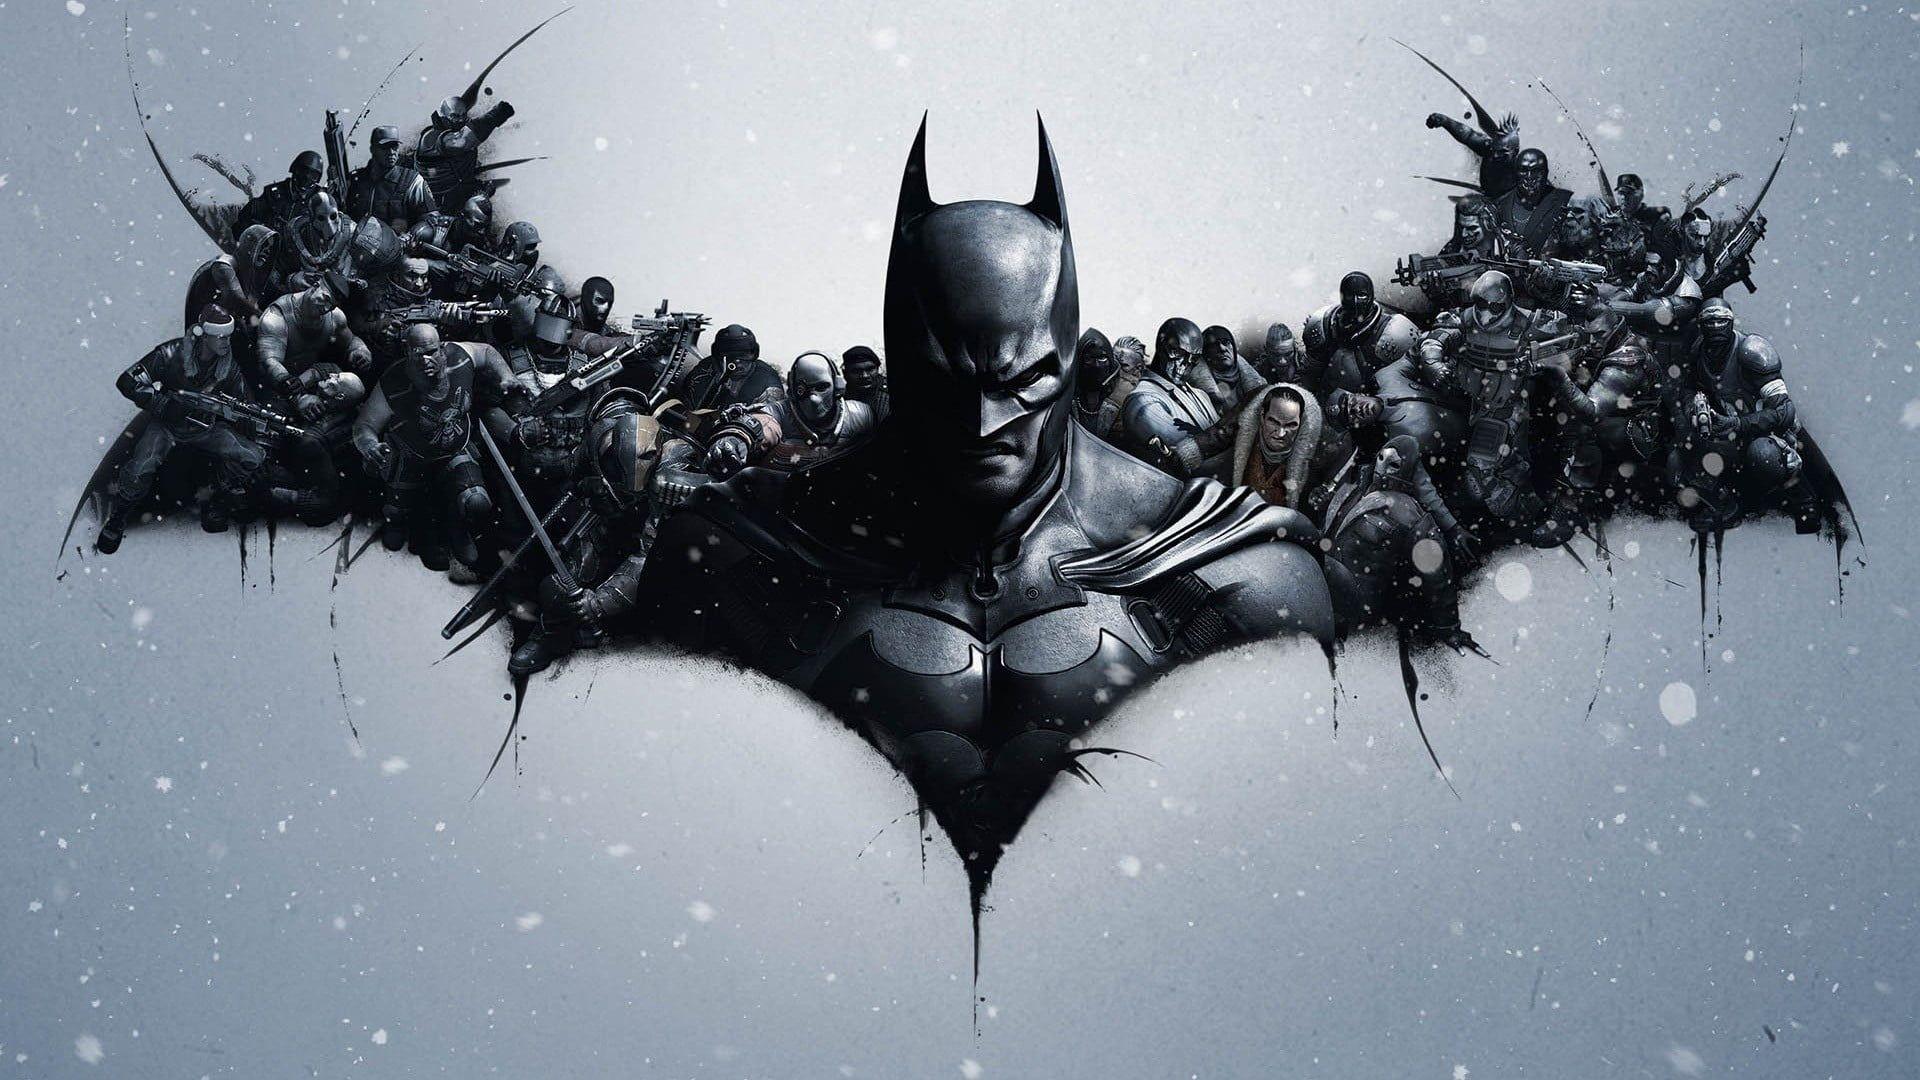 Batman Wallpaper Batman Batman Logo Video Games Batman Arkham Origins Batman Arkham City Batman Begins Superhe Batman Poster Batman Wallpaper Batman Origin